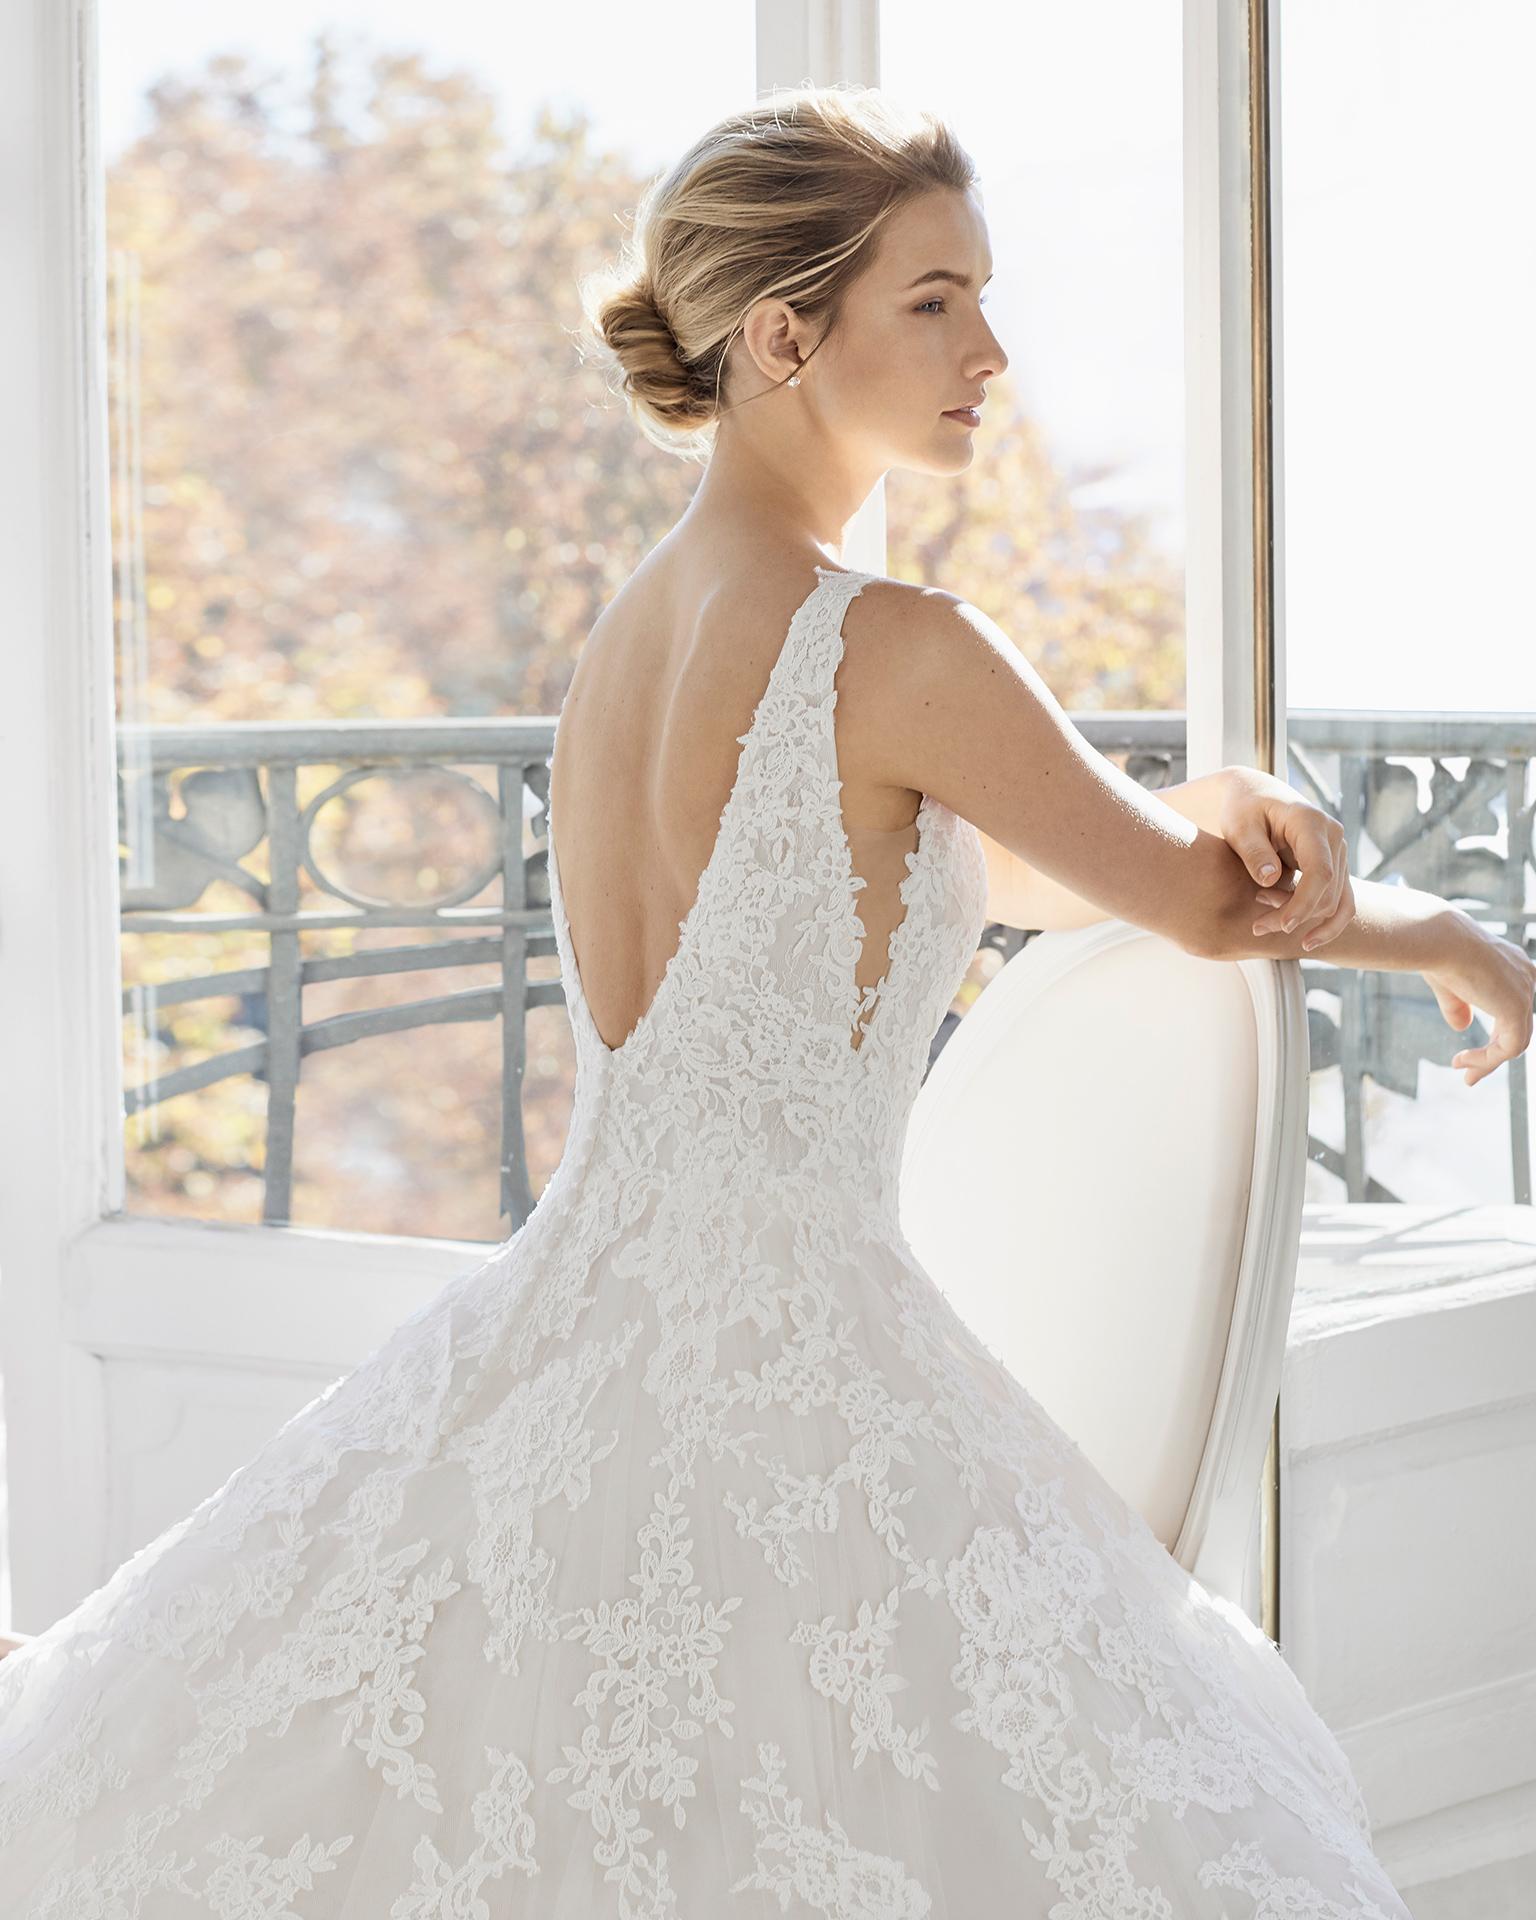 Vestido de noiva estilo romântico de renda. Decote deep-plunge e costas decotadas. Disponível em cor natural/nude. Coleção AIRE BARCELONA 2019.